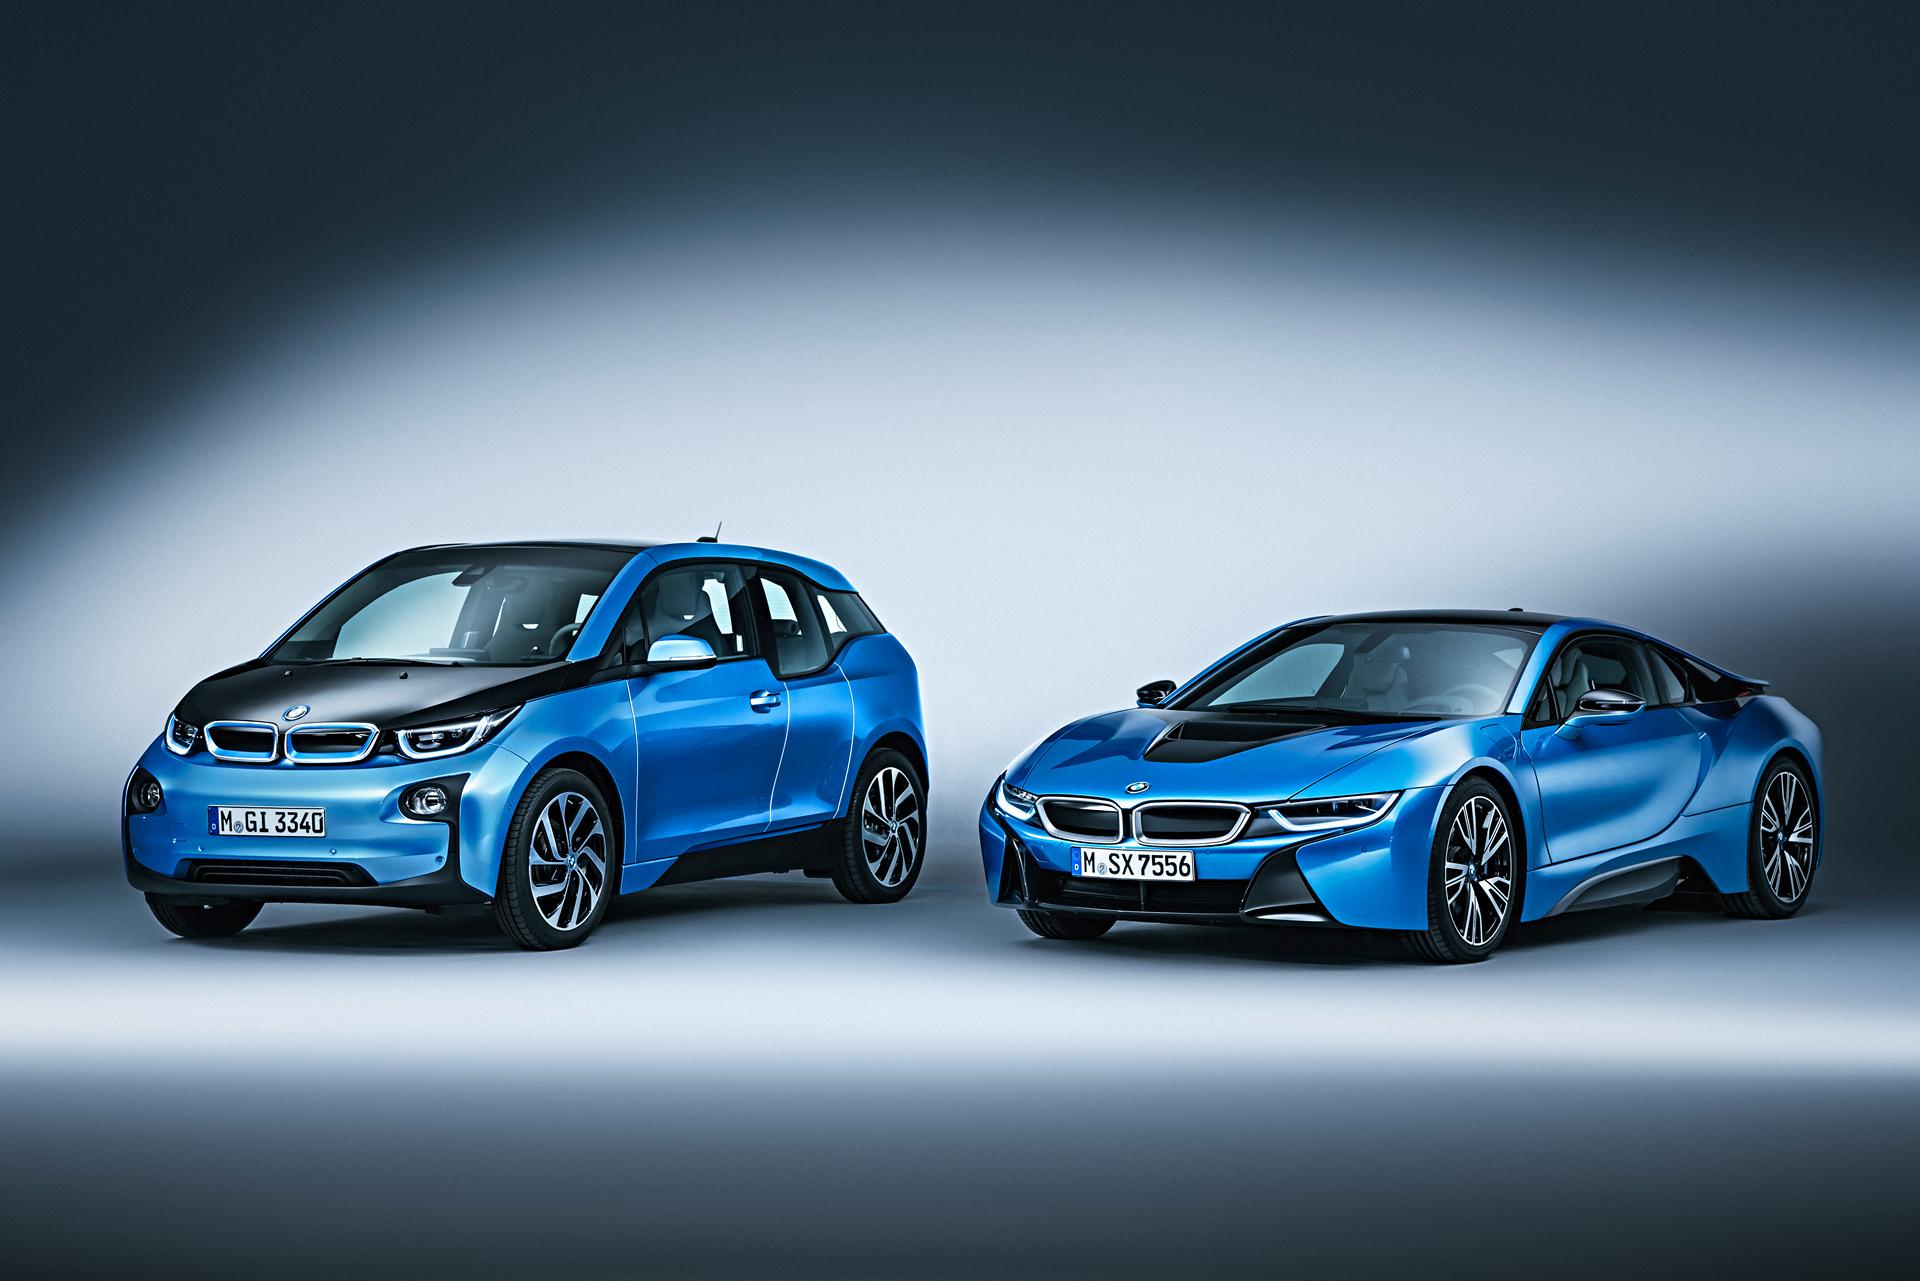 2017 BMW i3 and BMW i8 © BMW AG